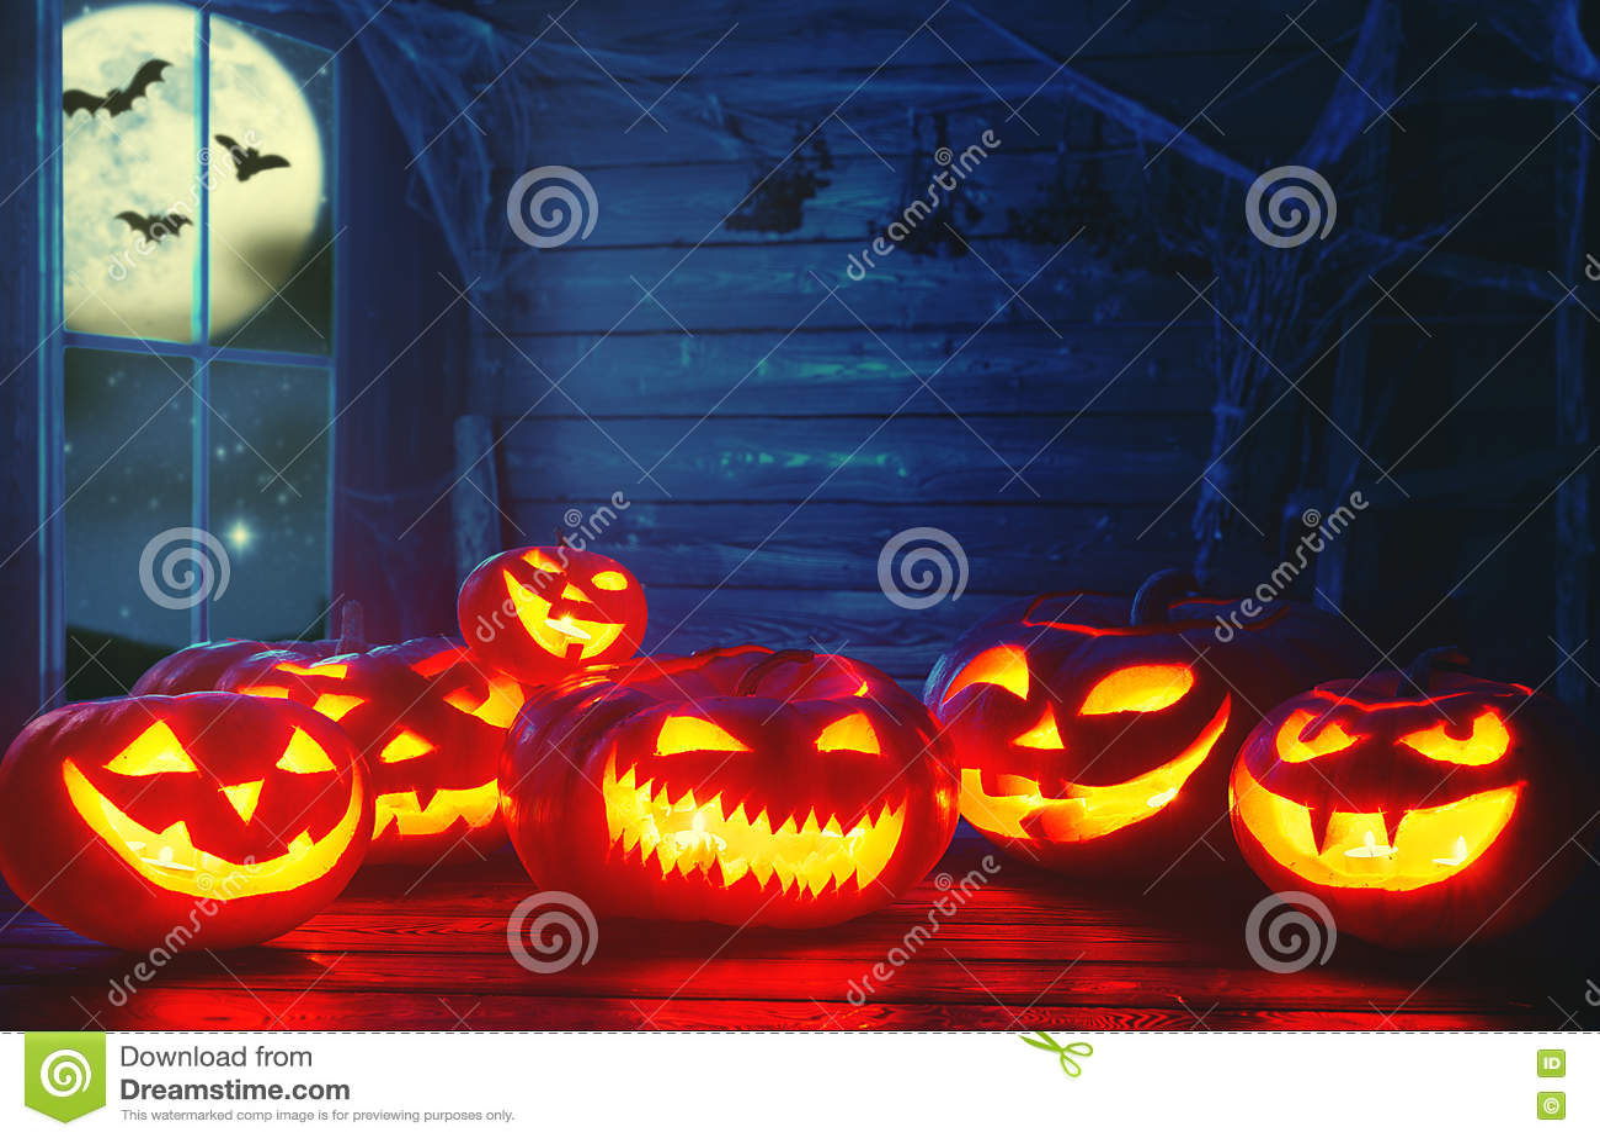 Fond fantasmagorique de veille de la toussaint potiron effrayant avec les yeux brûlants et